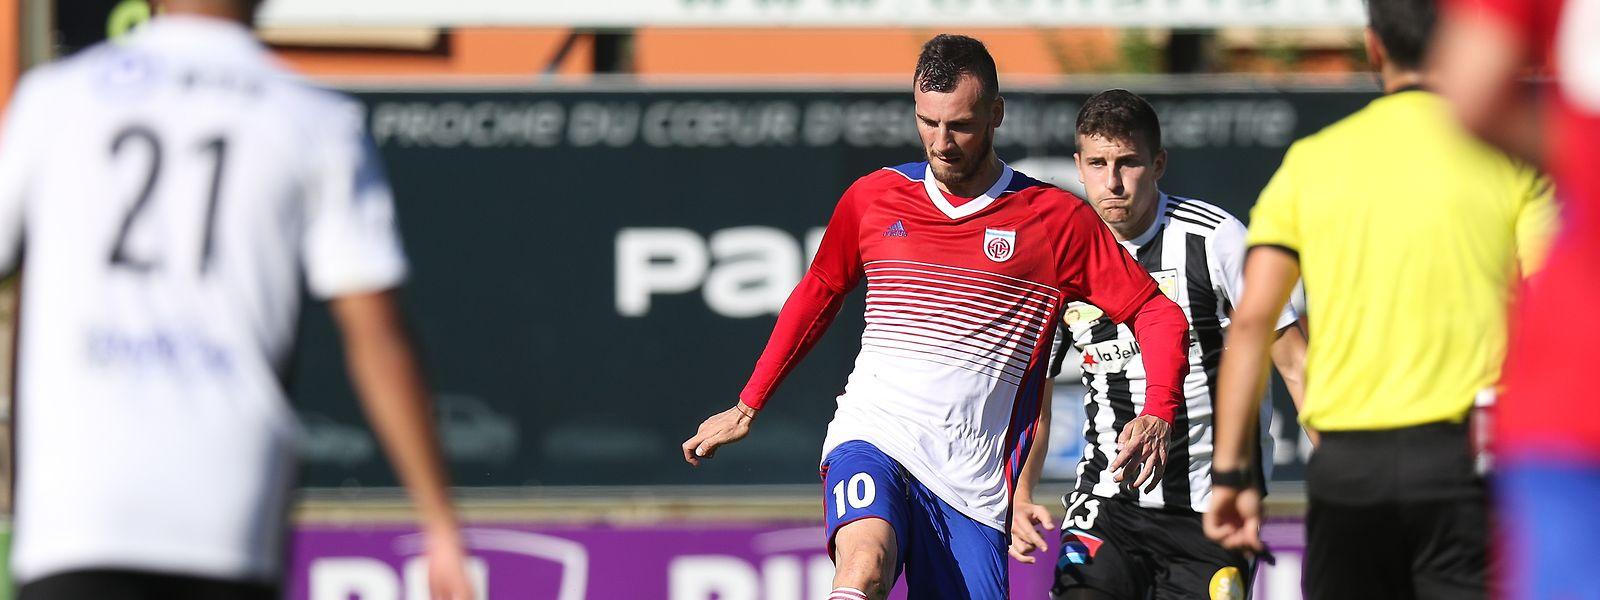 Stefano Bensi et le Fola débuteront la nouvelle saison devant leurs supporters.